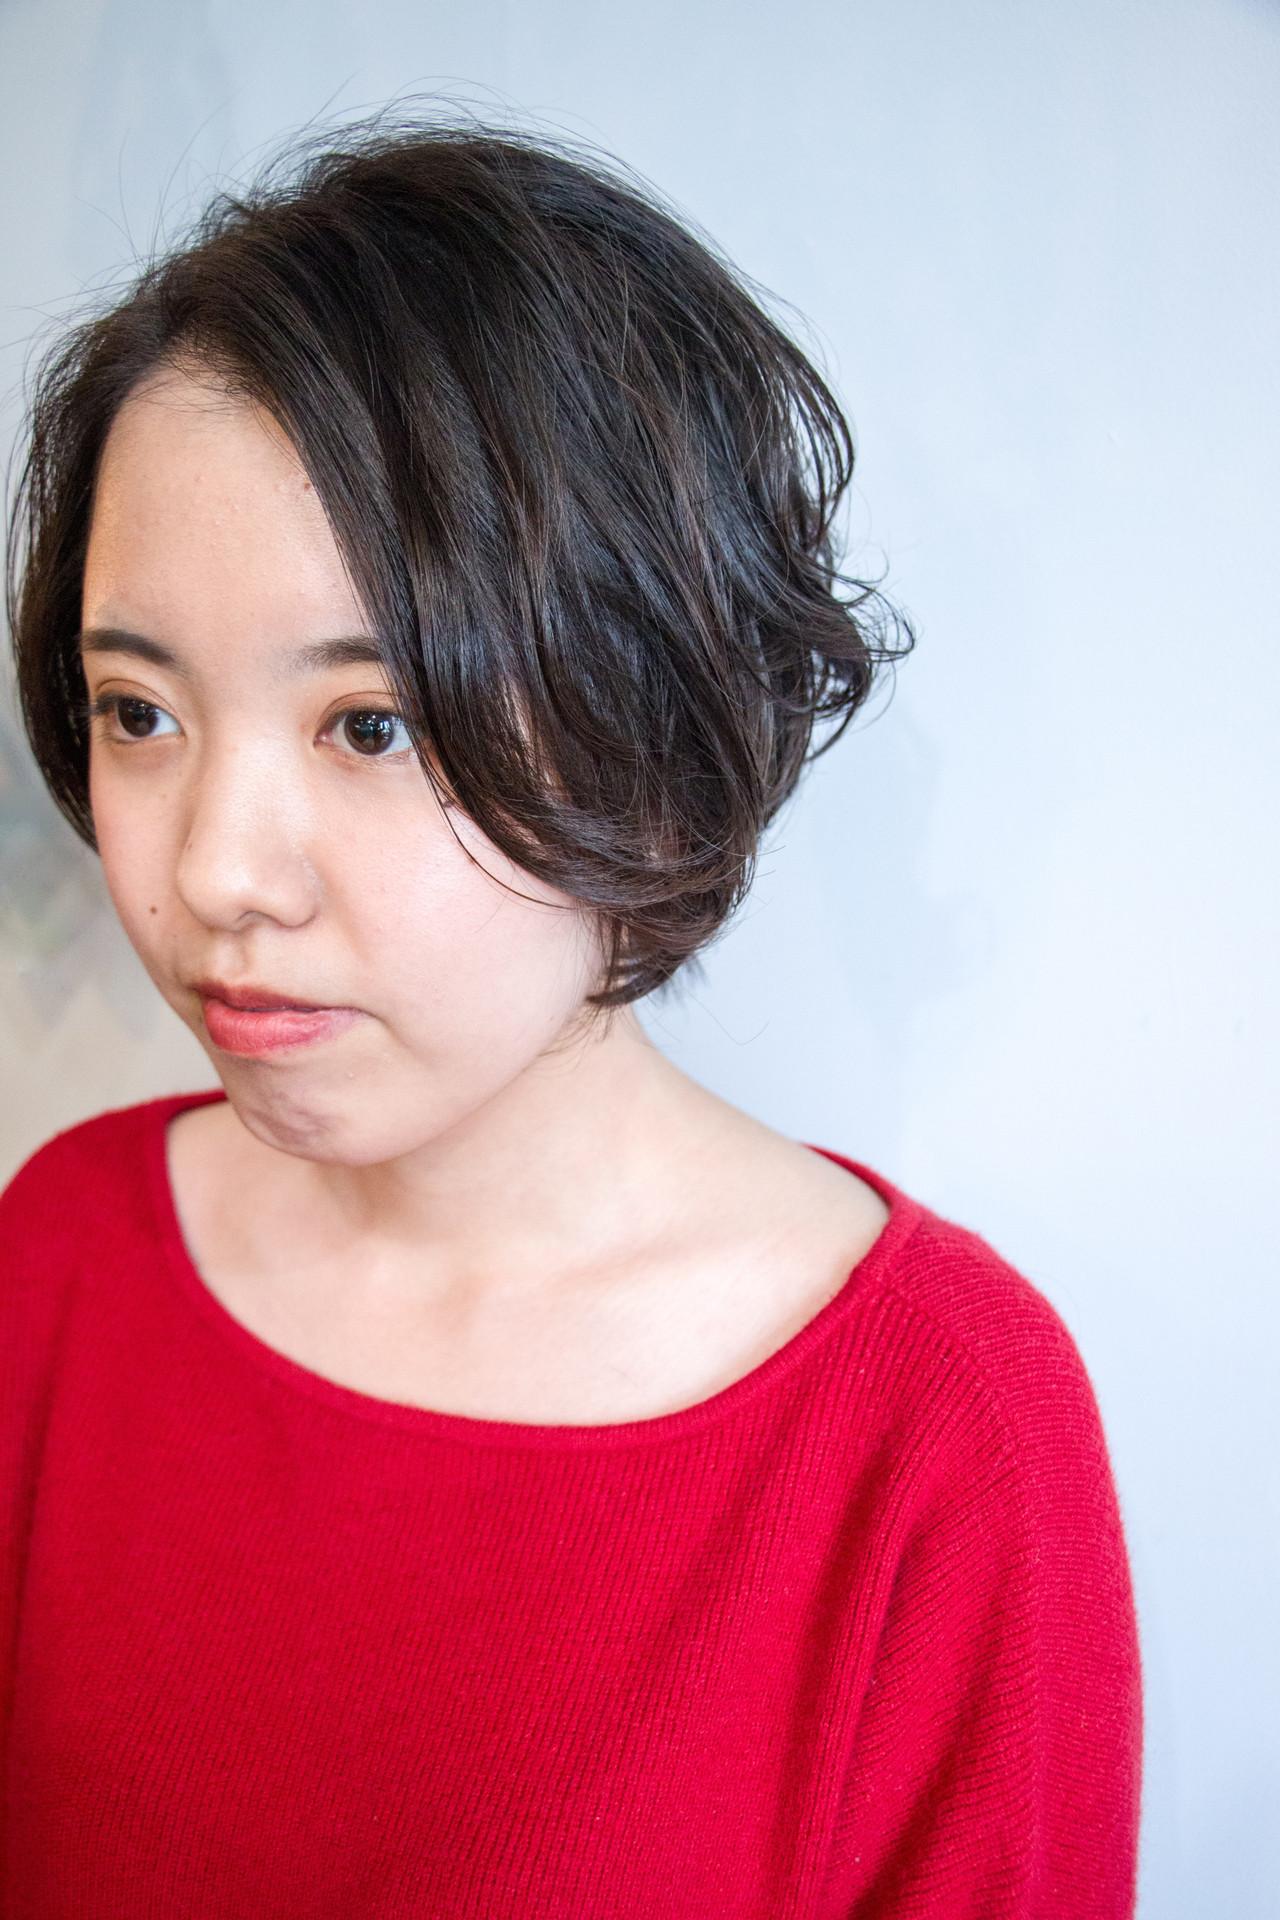 ナチュラル ショート 簡単 デジタルパーマ ヘアスタイルや髪型の写真・画像